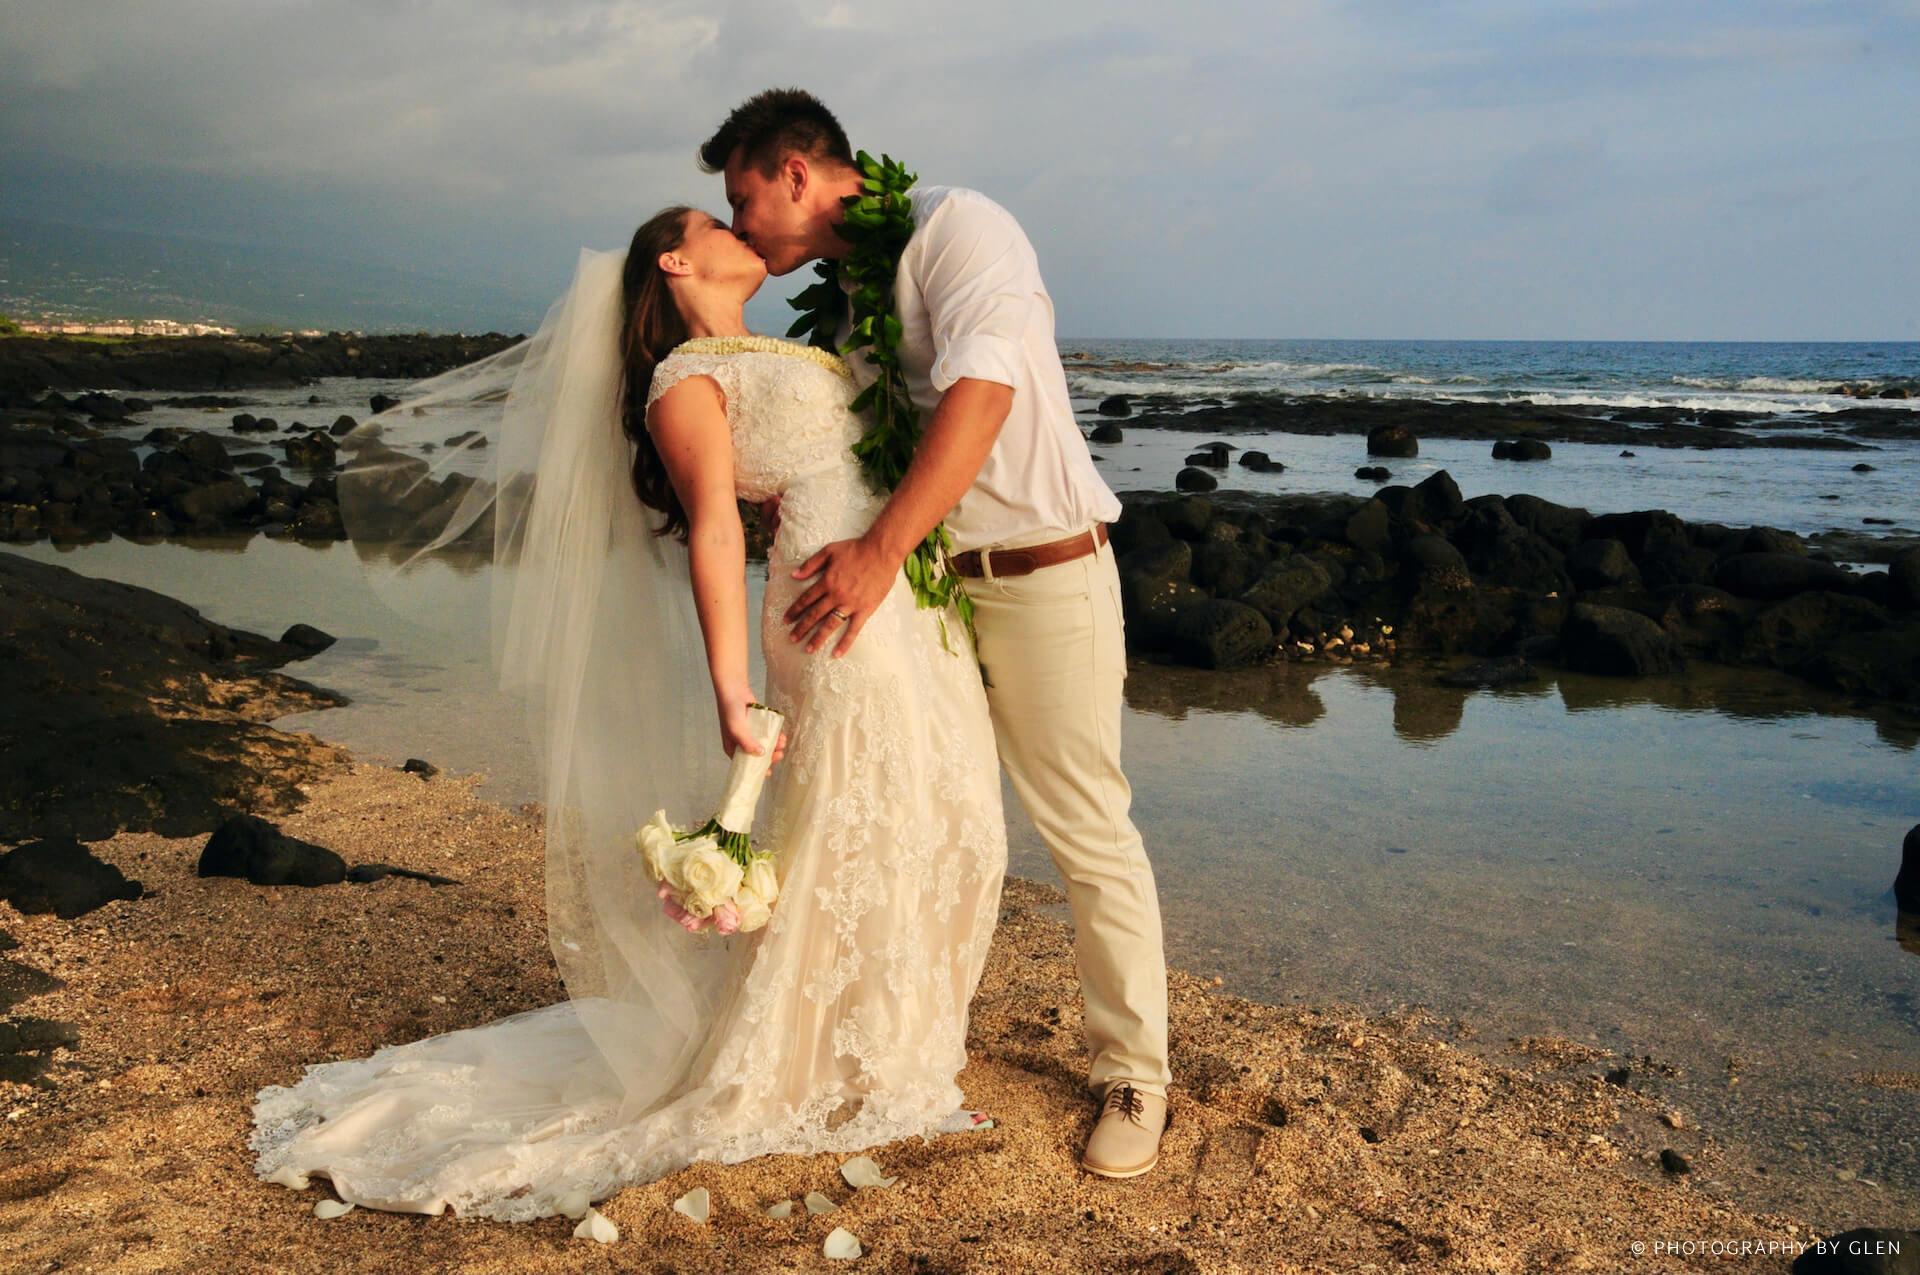 Beach Wedding Photography in Kona, Hawaii